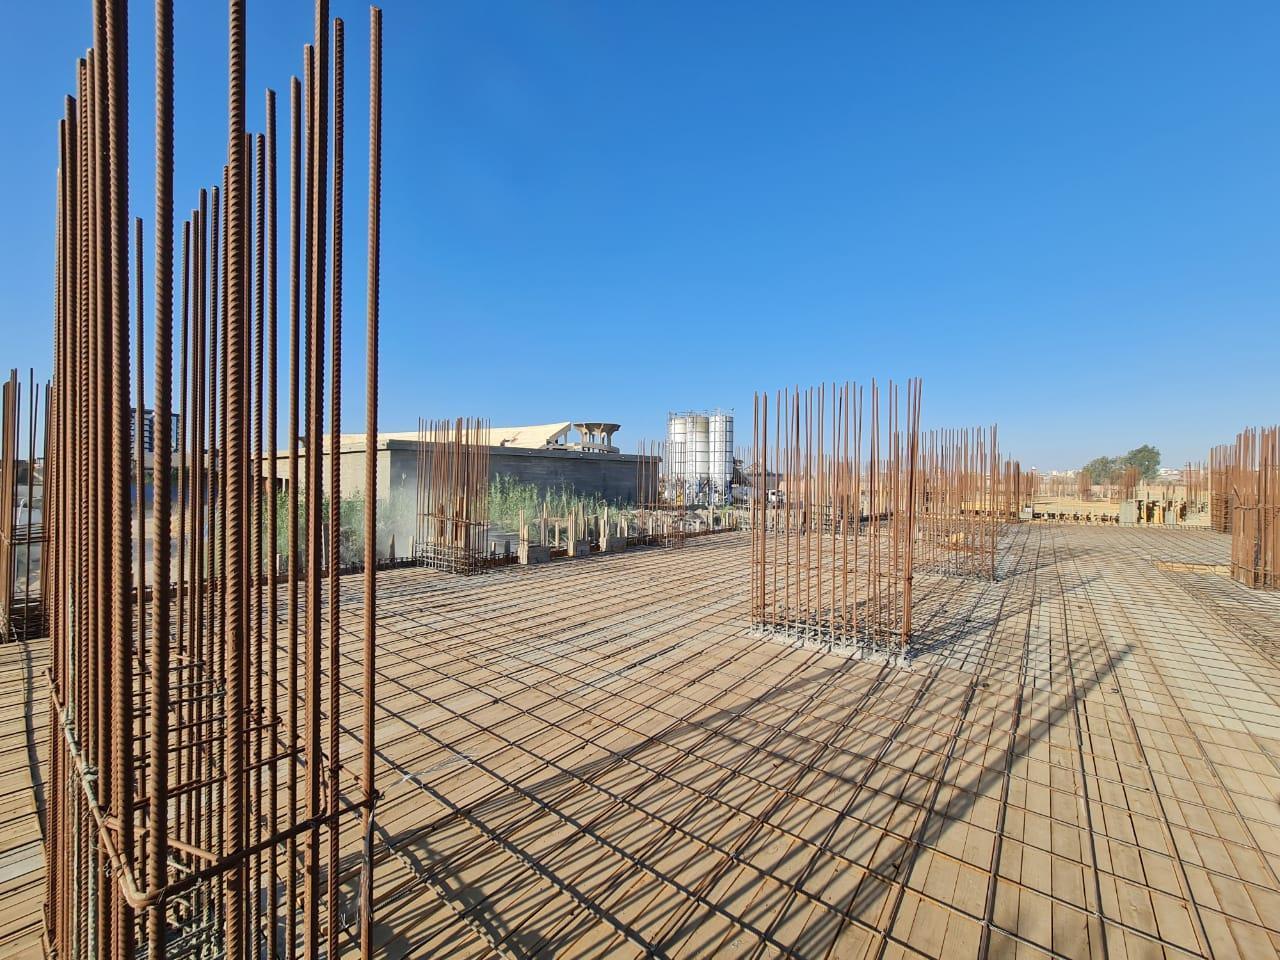 رئيس جامعة دمنهور يتفقد أعمال انشاء كلية الطب والمستشفى الجامعى .صور